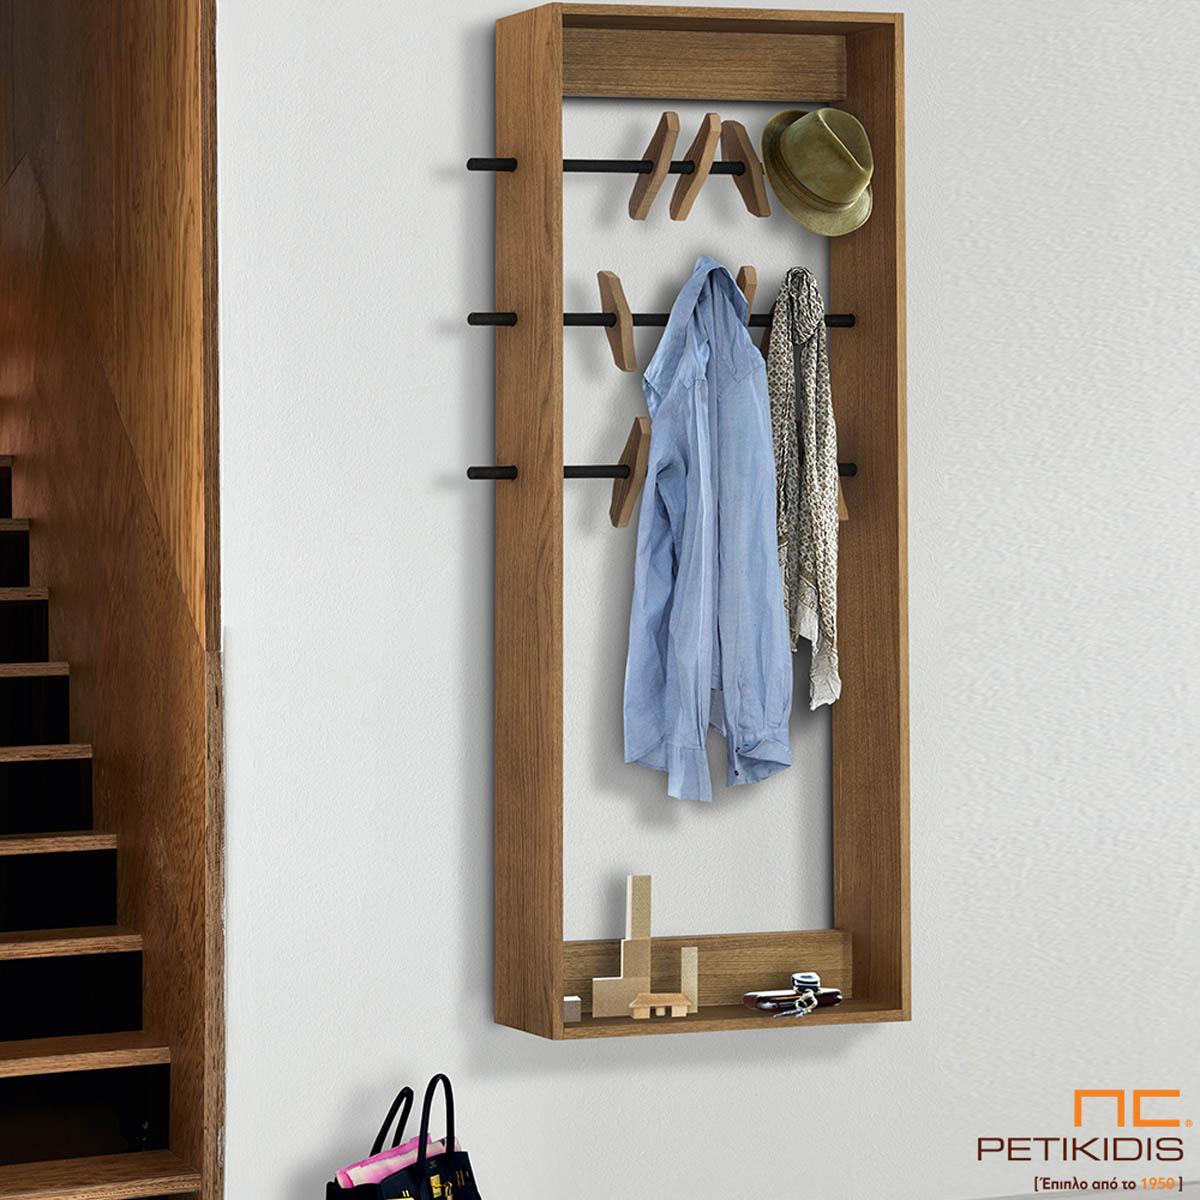 Κρεμάστρα Cliff από ξύλο δρυς και μεταλλικά στοιχεία. Ο ιδιαίτερος σχεδιασμός του δίνει μια αισθητική γλυπτού στο χώρο και είναι ιδανικό για χώρους εισόδου, σαλονιού και υπνοδωματίων.